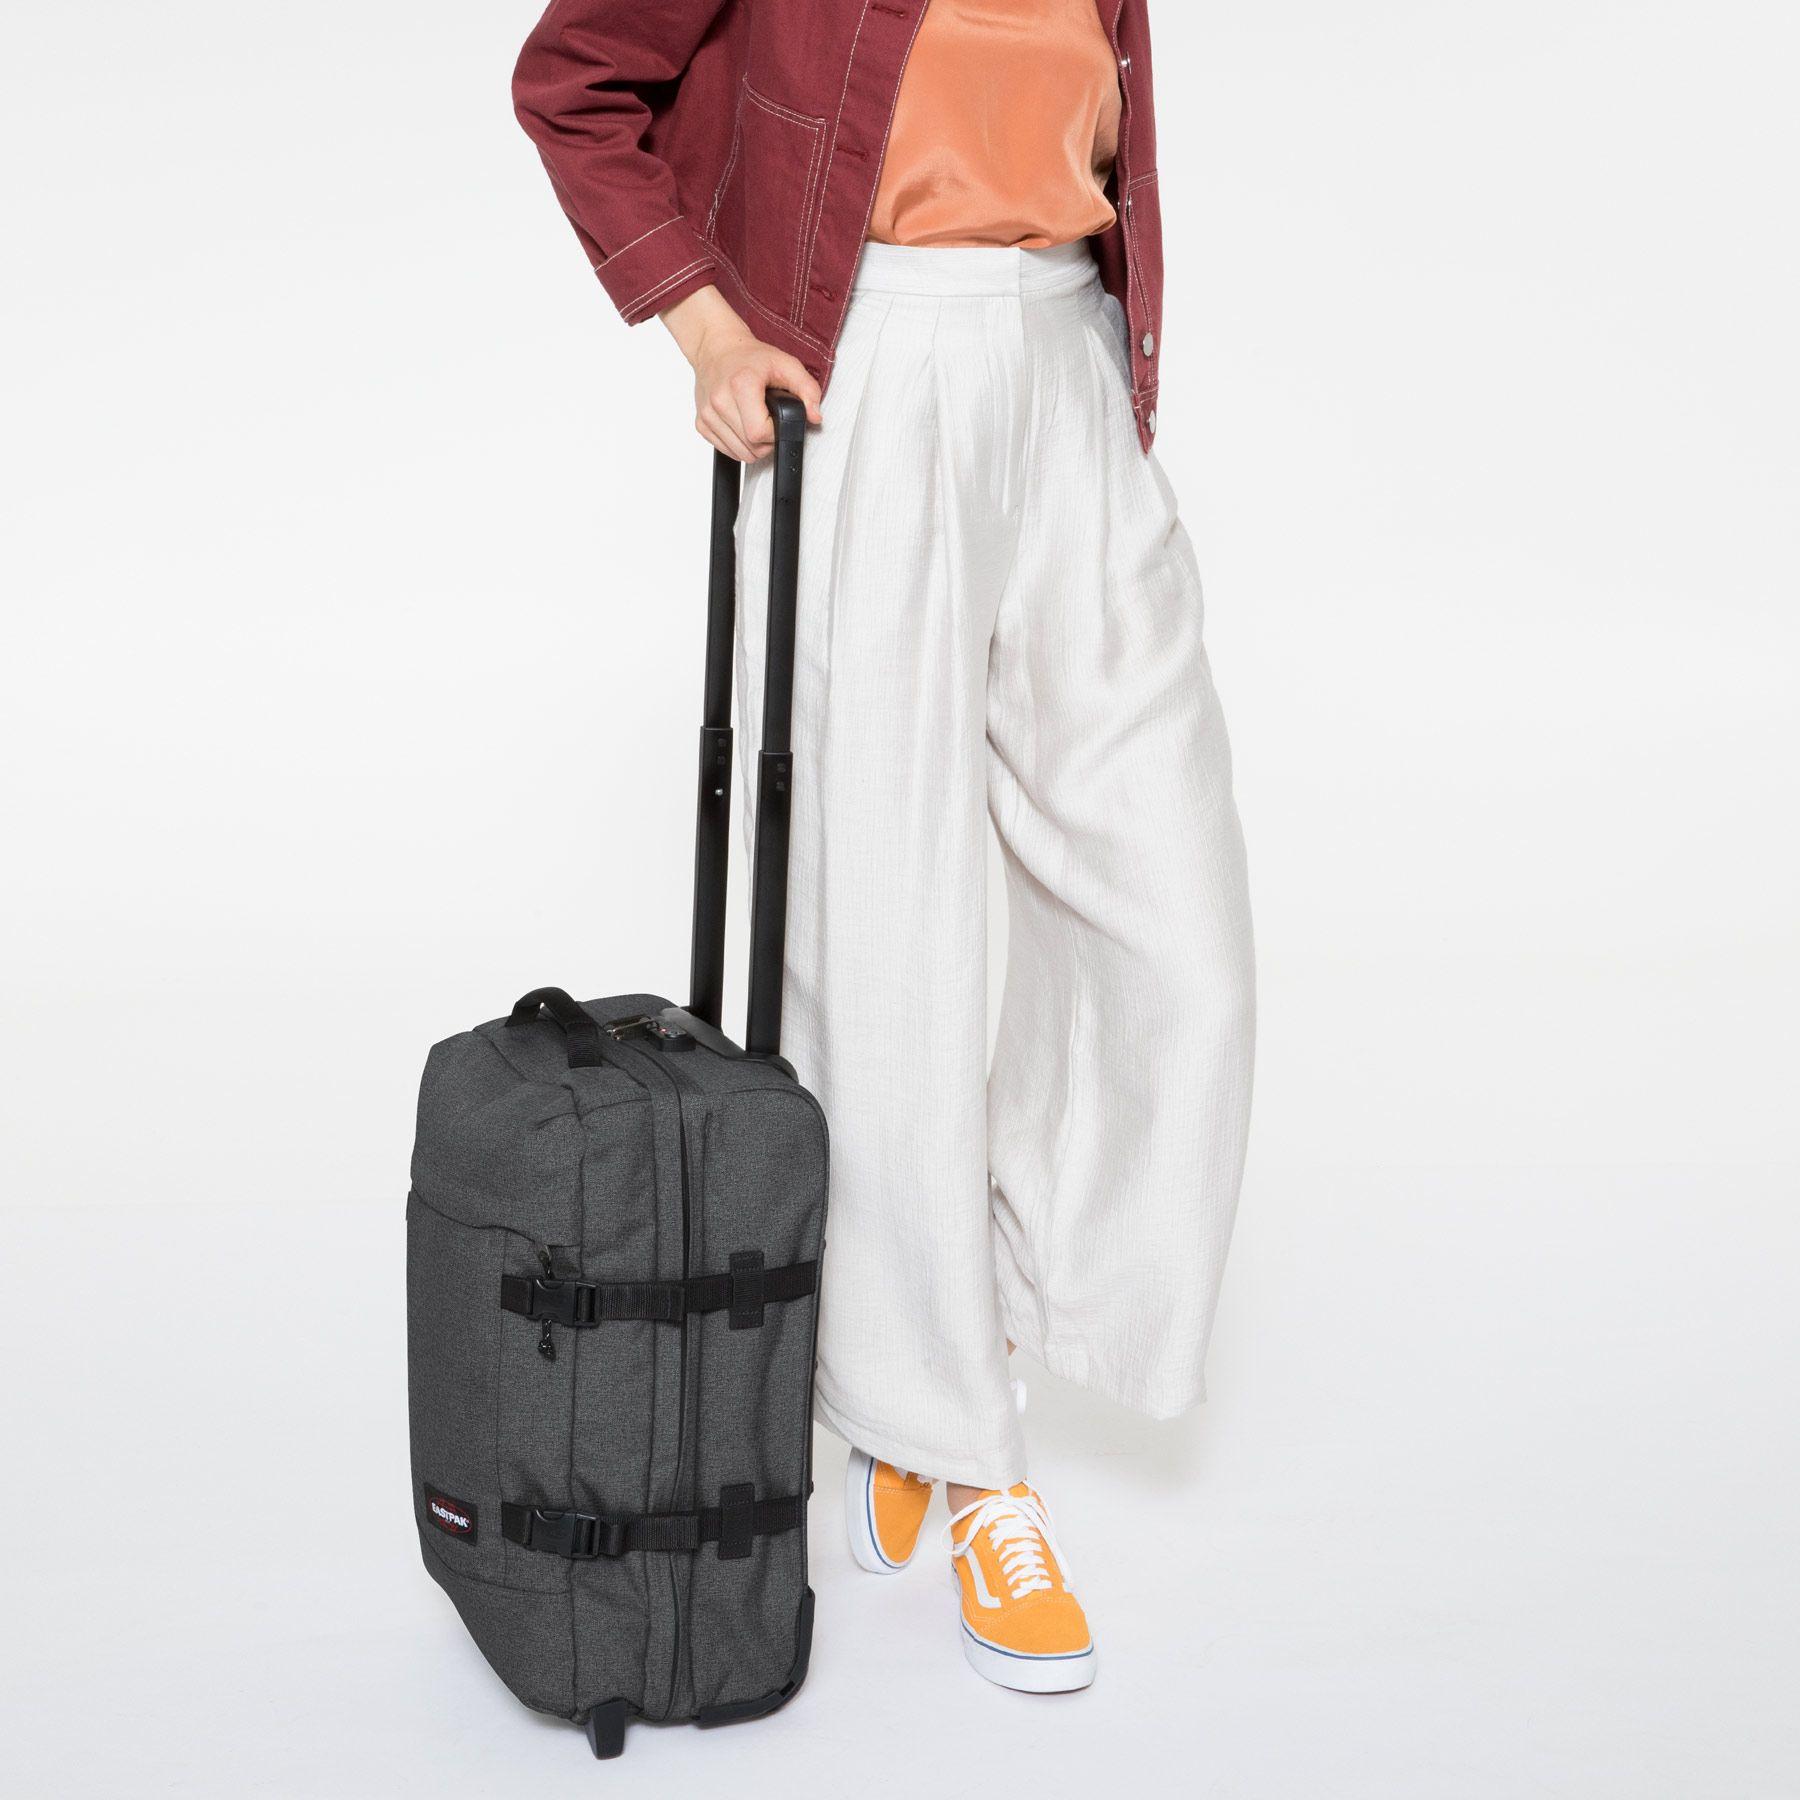 sac à roulettes Tranverz-S-Black-Denim